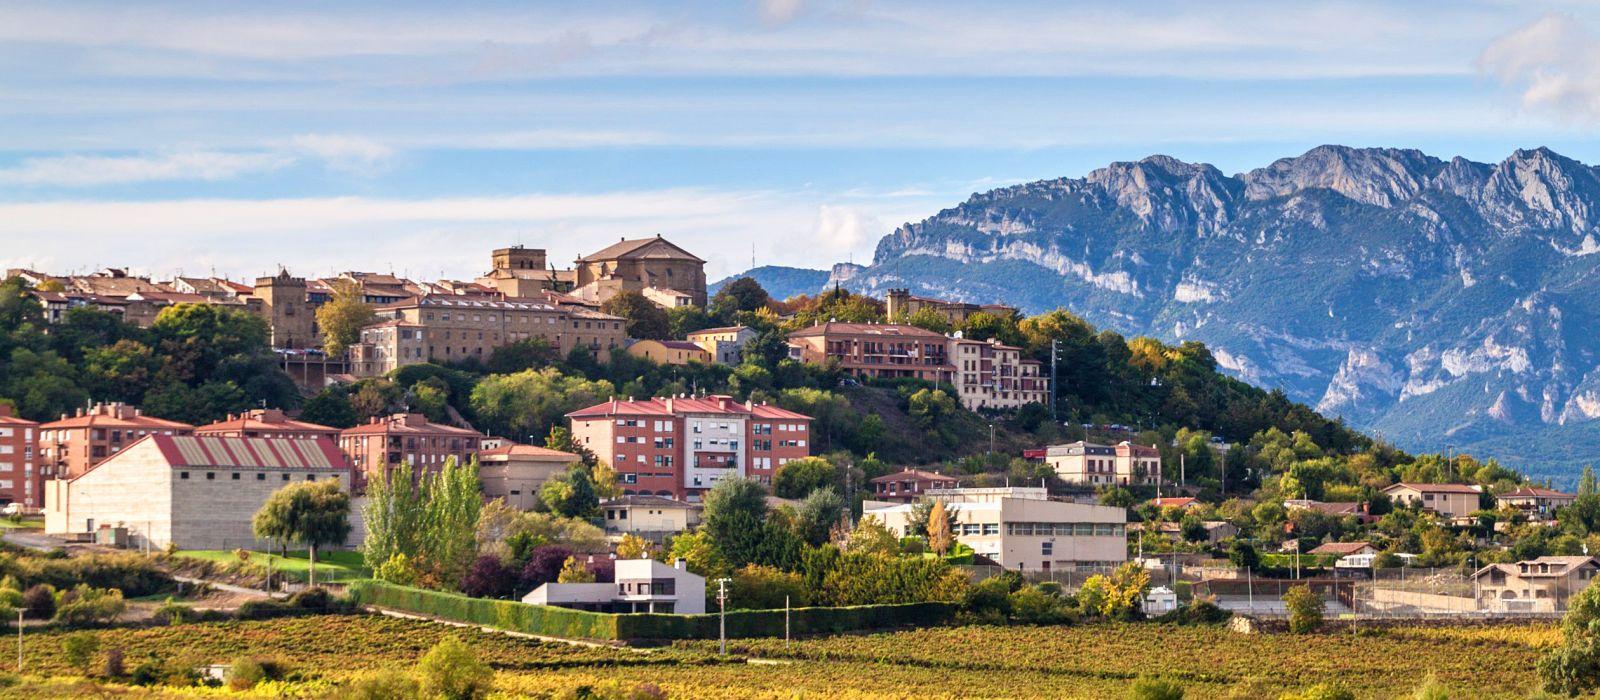 Destination La Rioja Region Spain